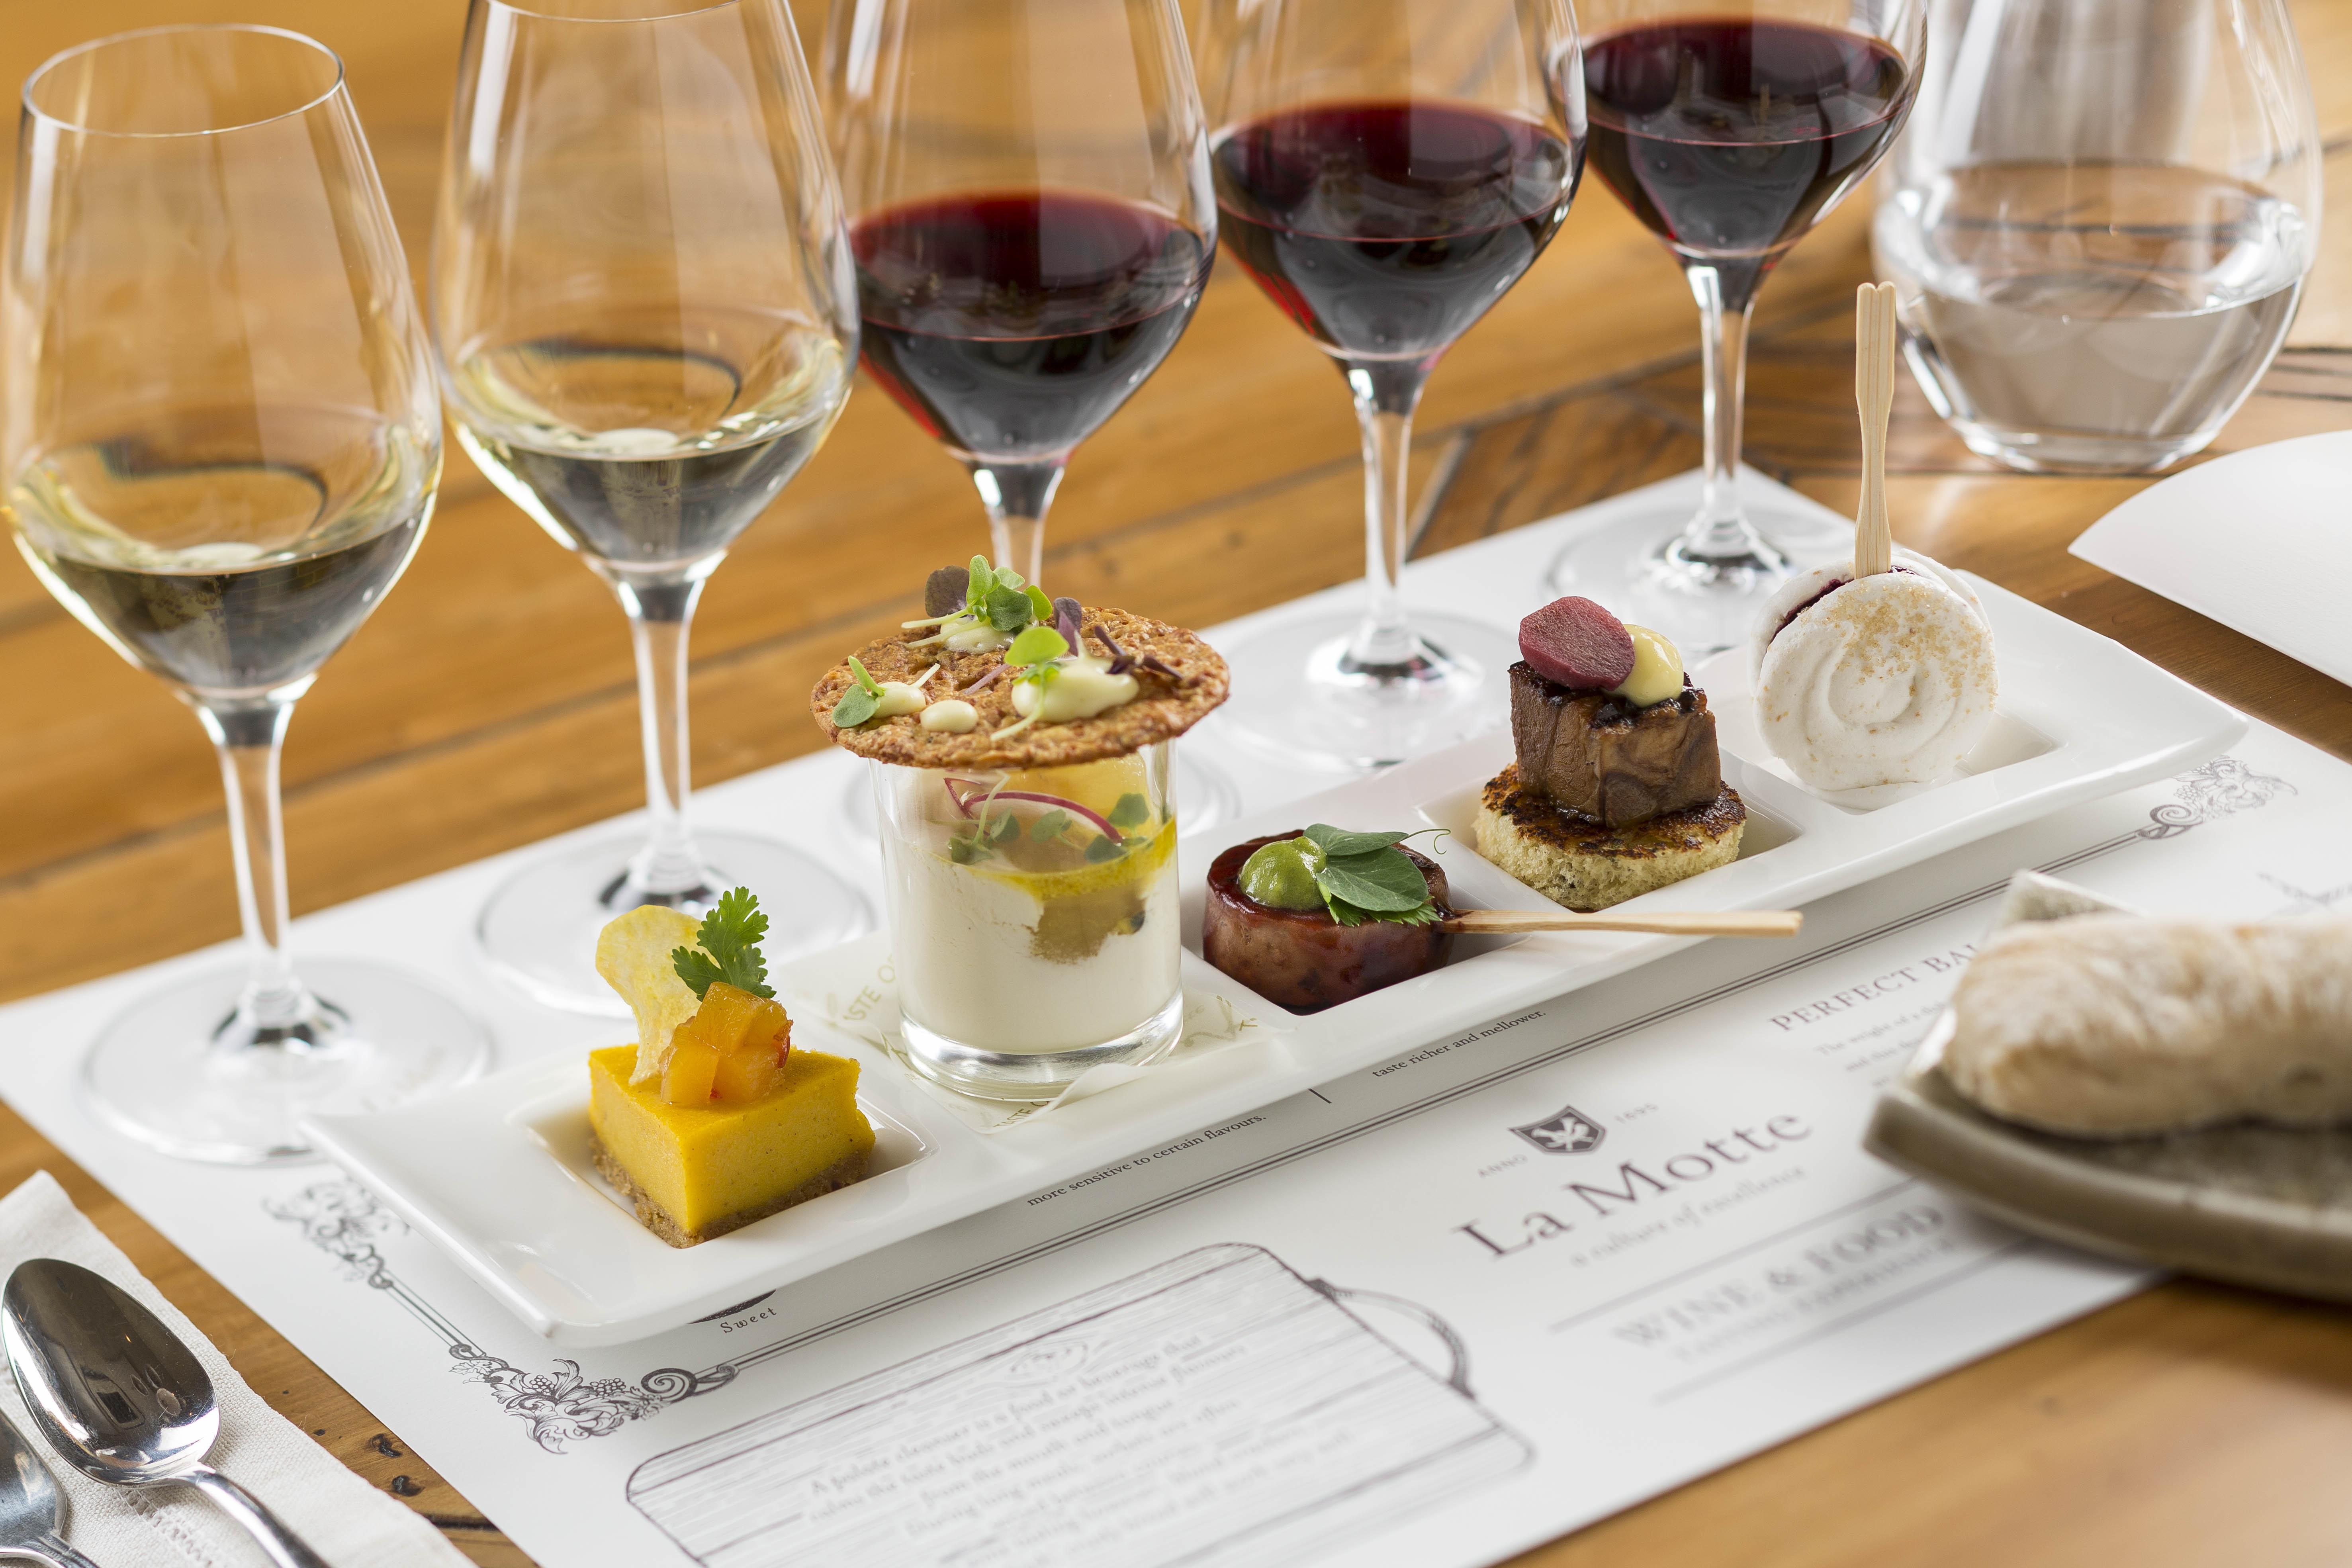 La Motte Food & Wine Pairing (2)